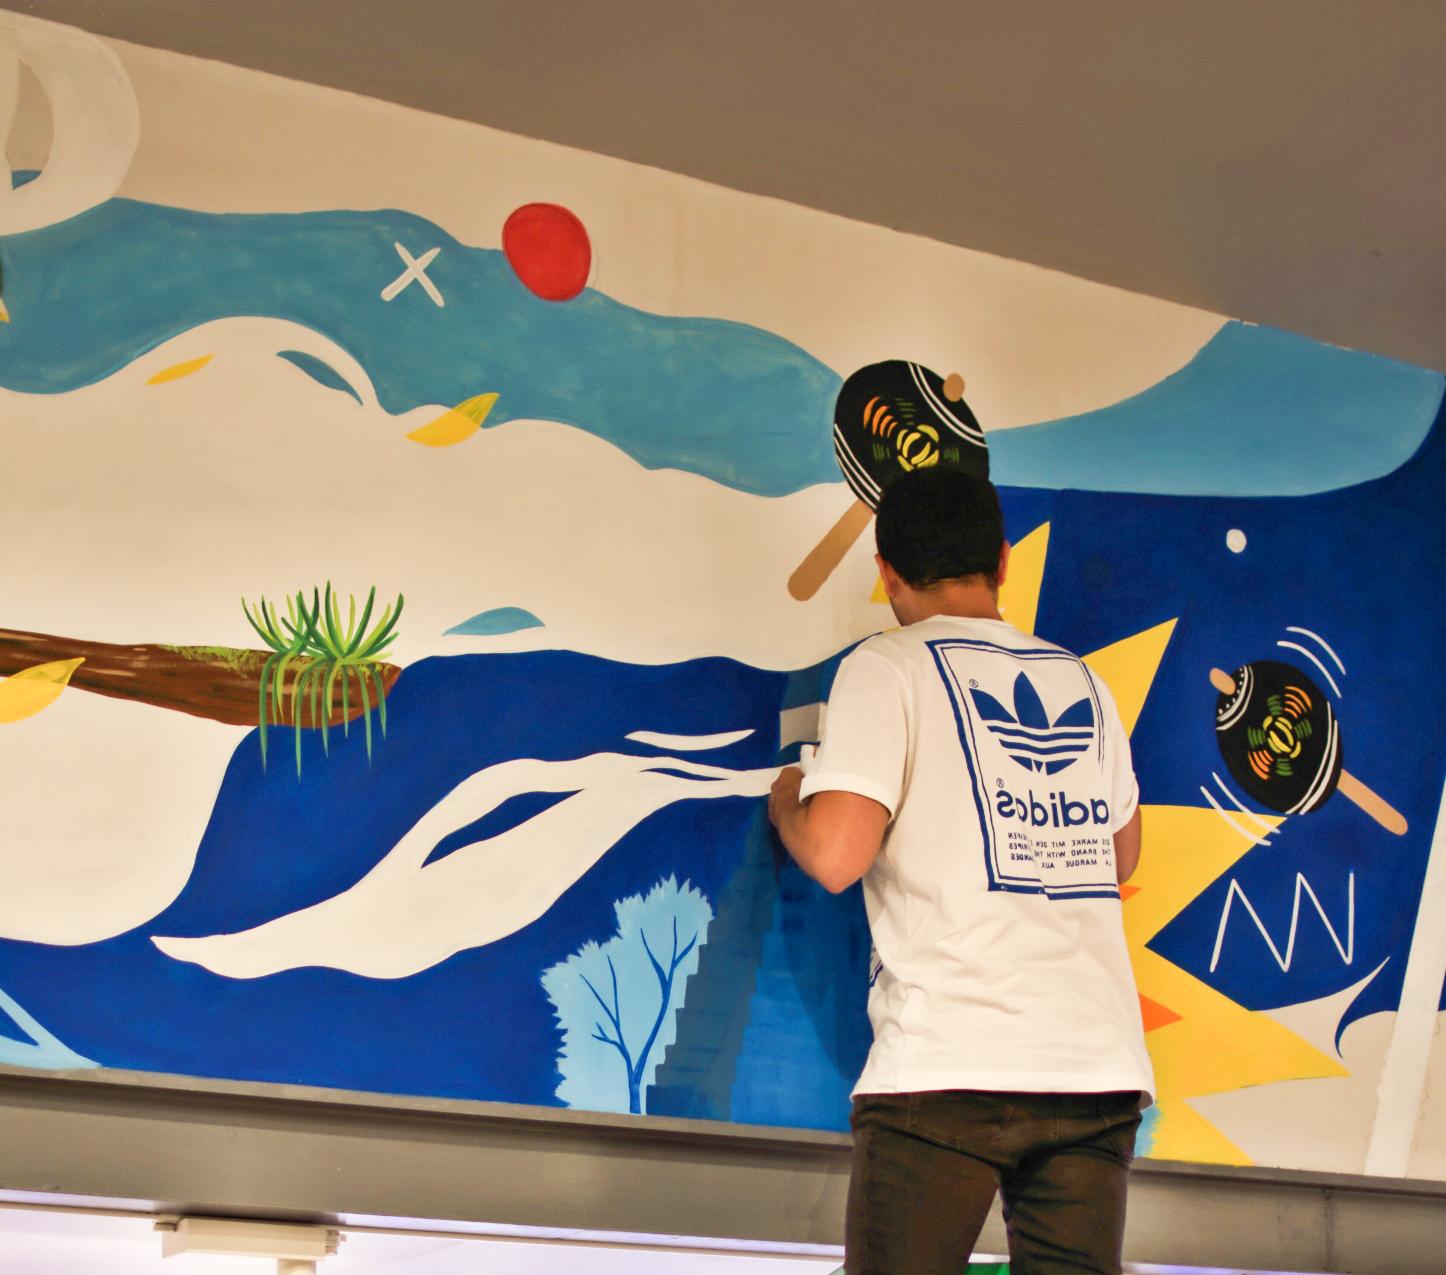 El talento del guatemalteco en una tienda de Adidas